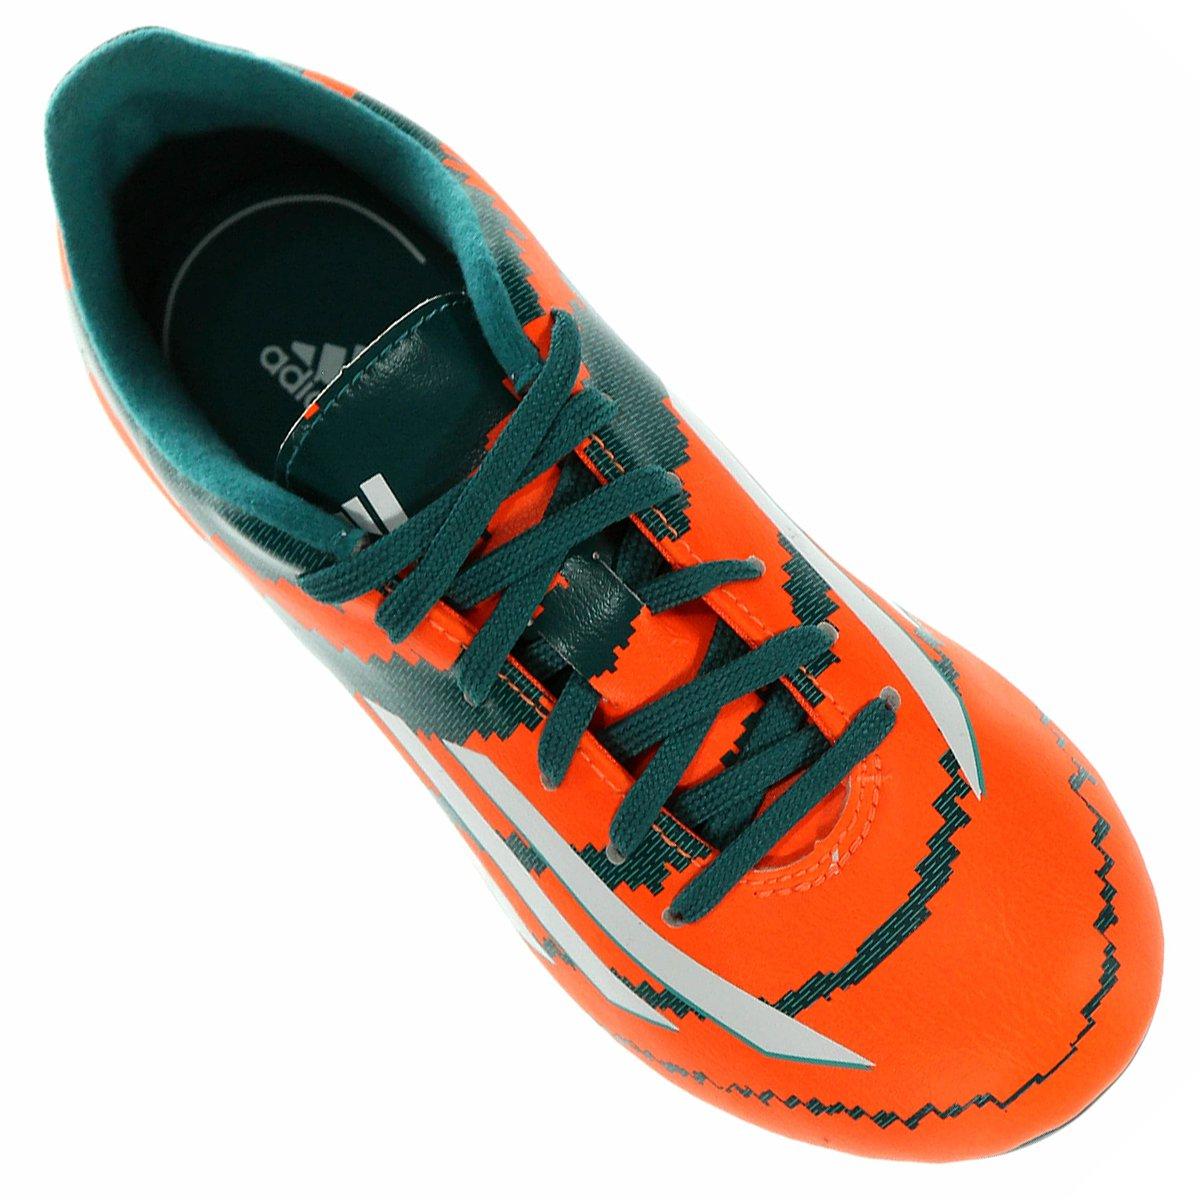 d30c251315 Chuteira Adidas F10 FG Campo Messi Infantil - Compre Agora